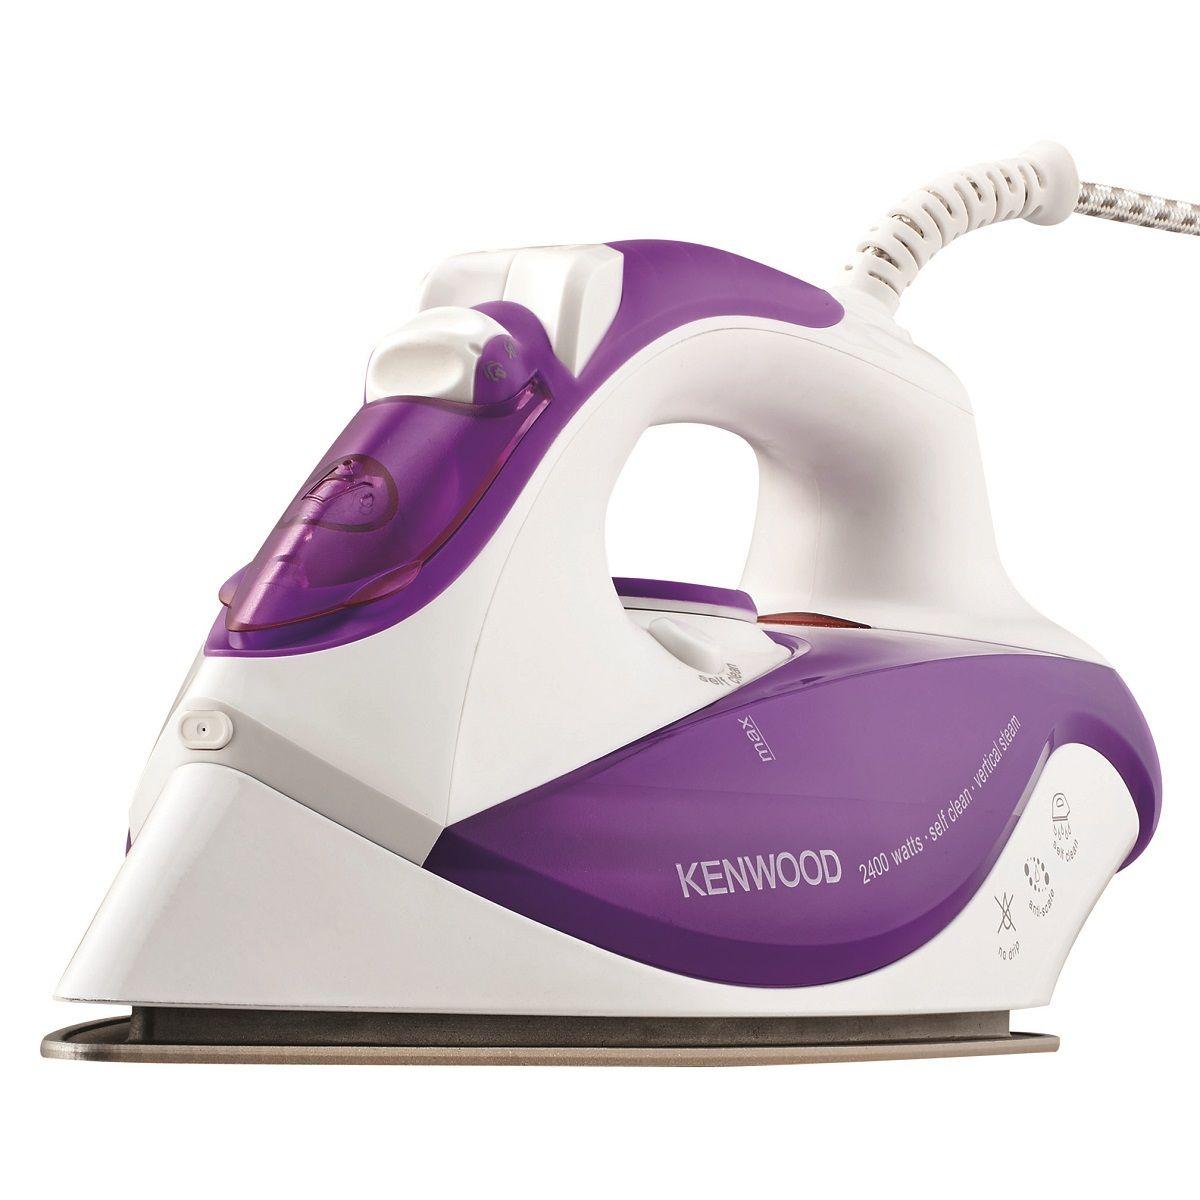 Kenwood ISP201PU Steam Iron - Purple